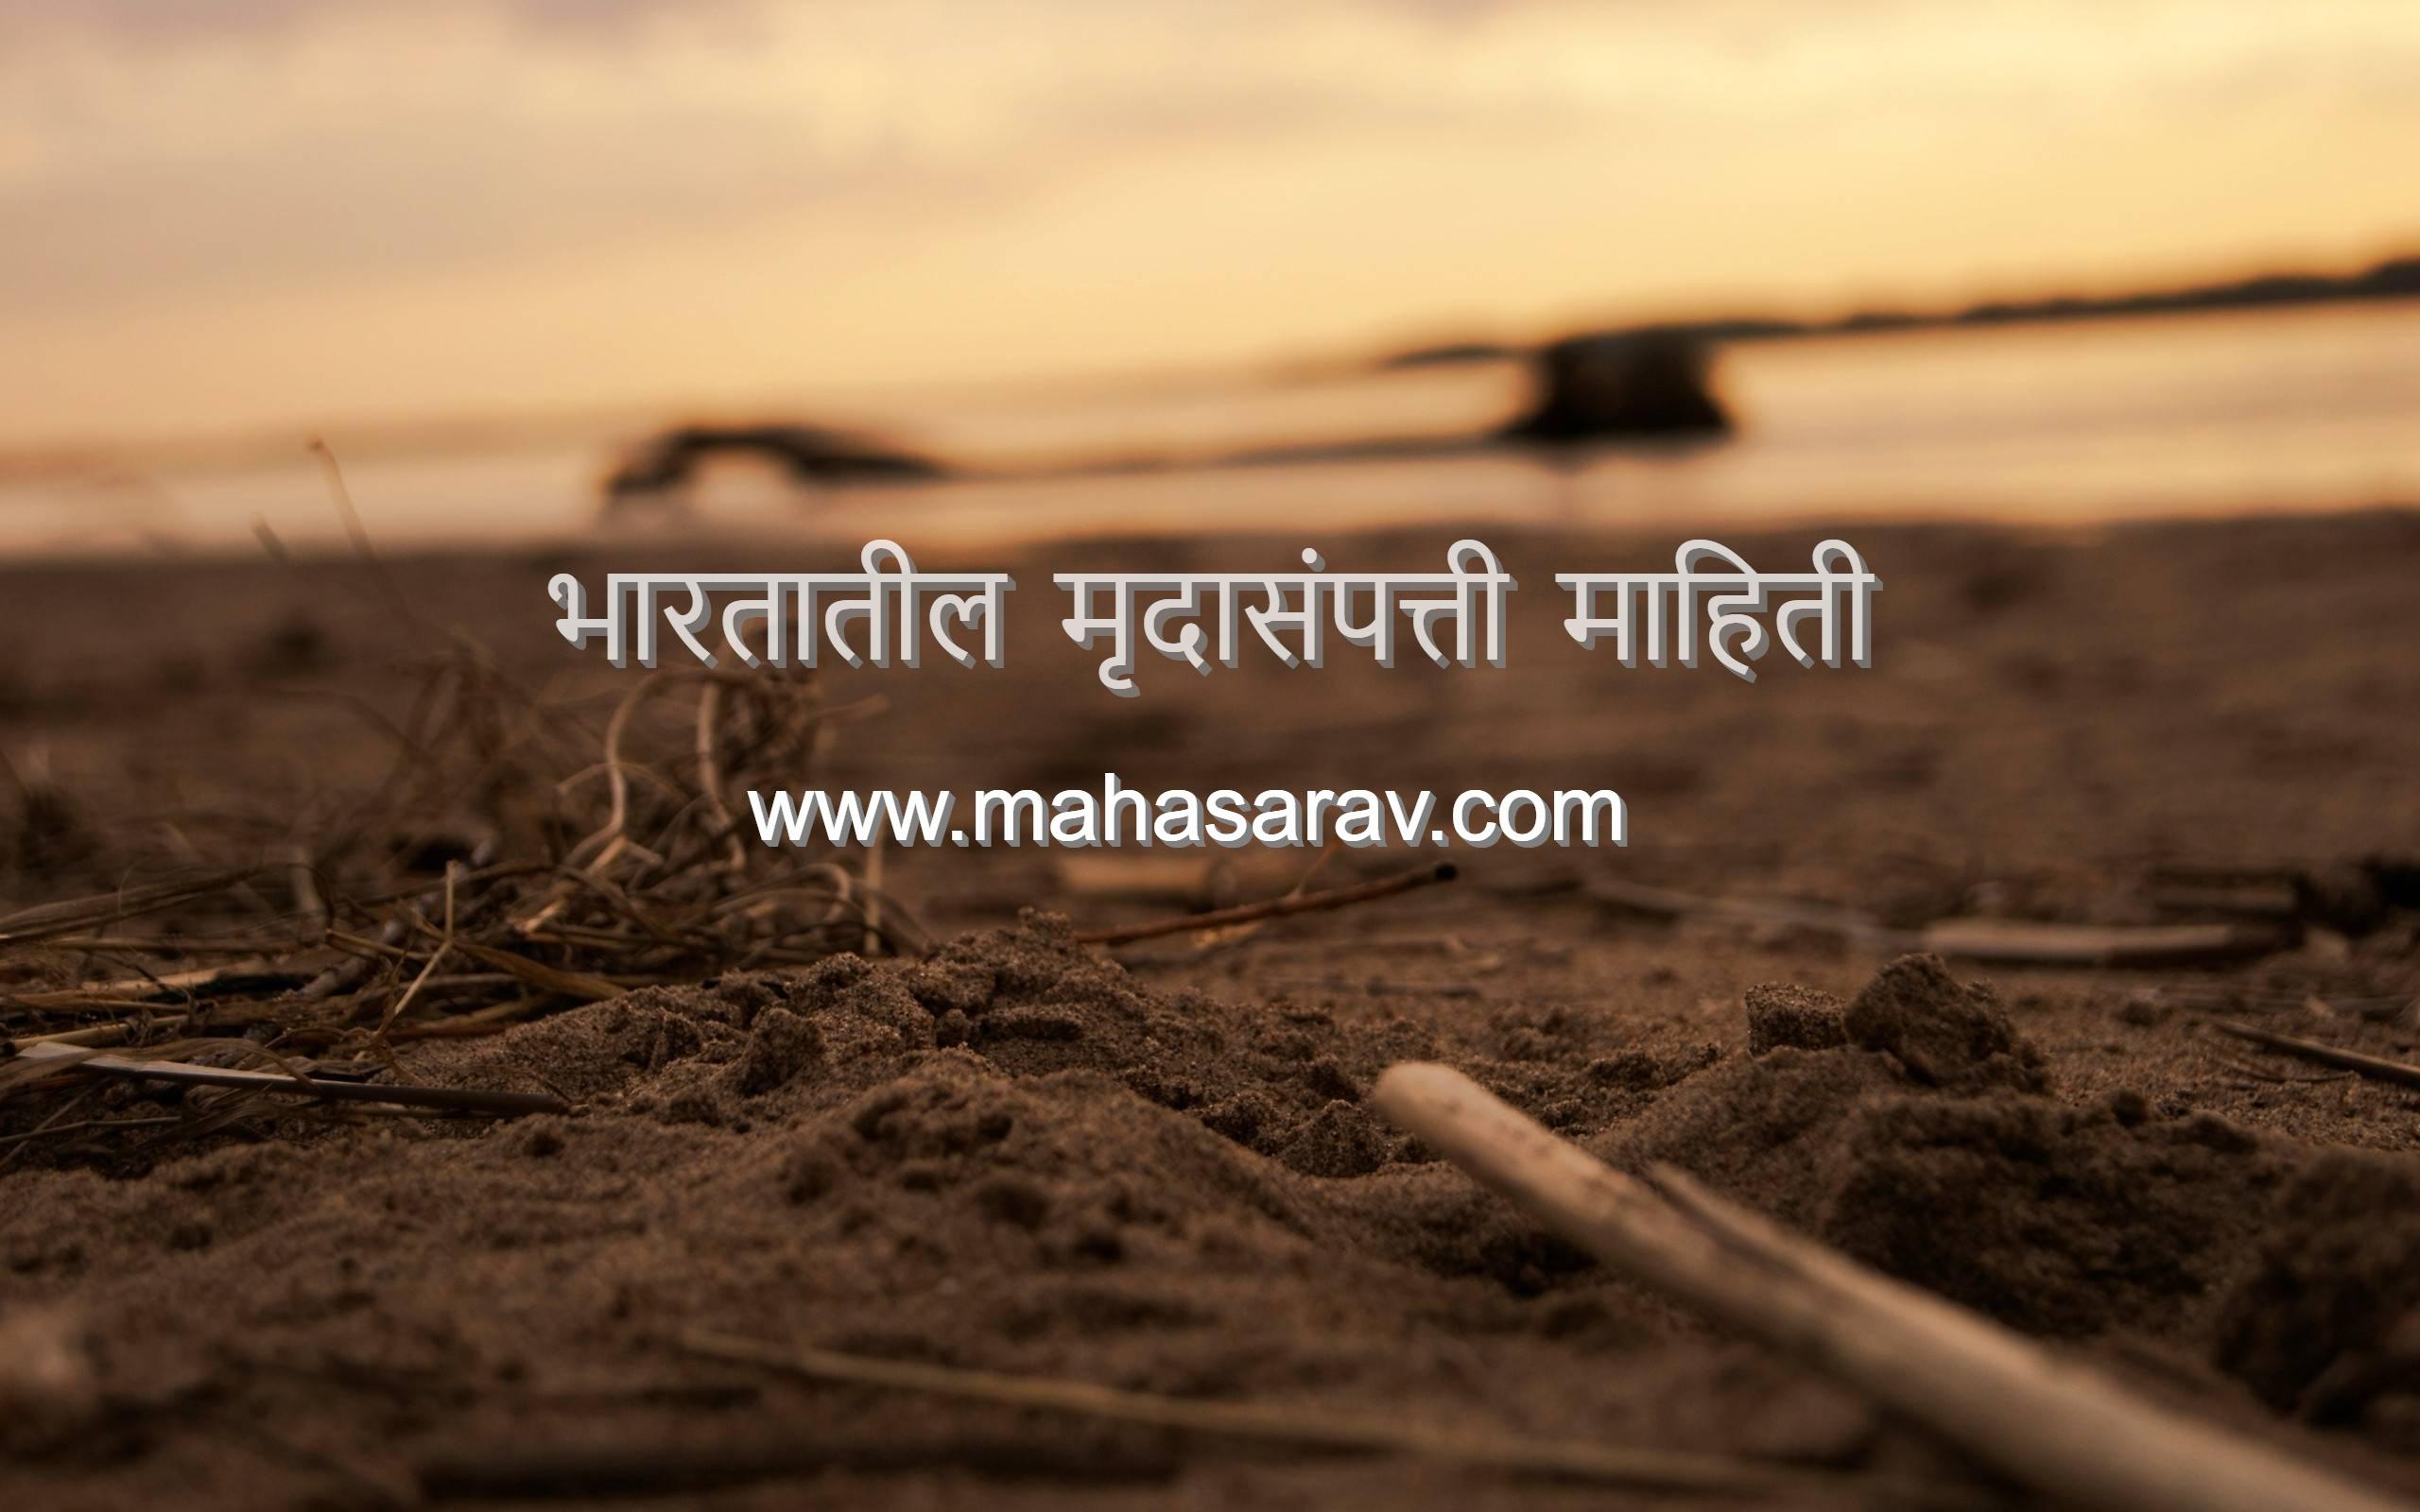 भारतातील मृदासंपत्ती माहिती